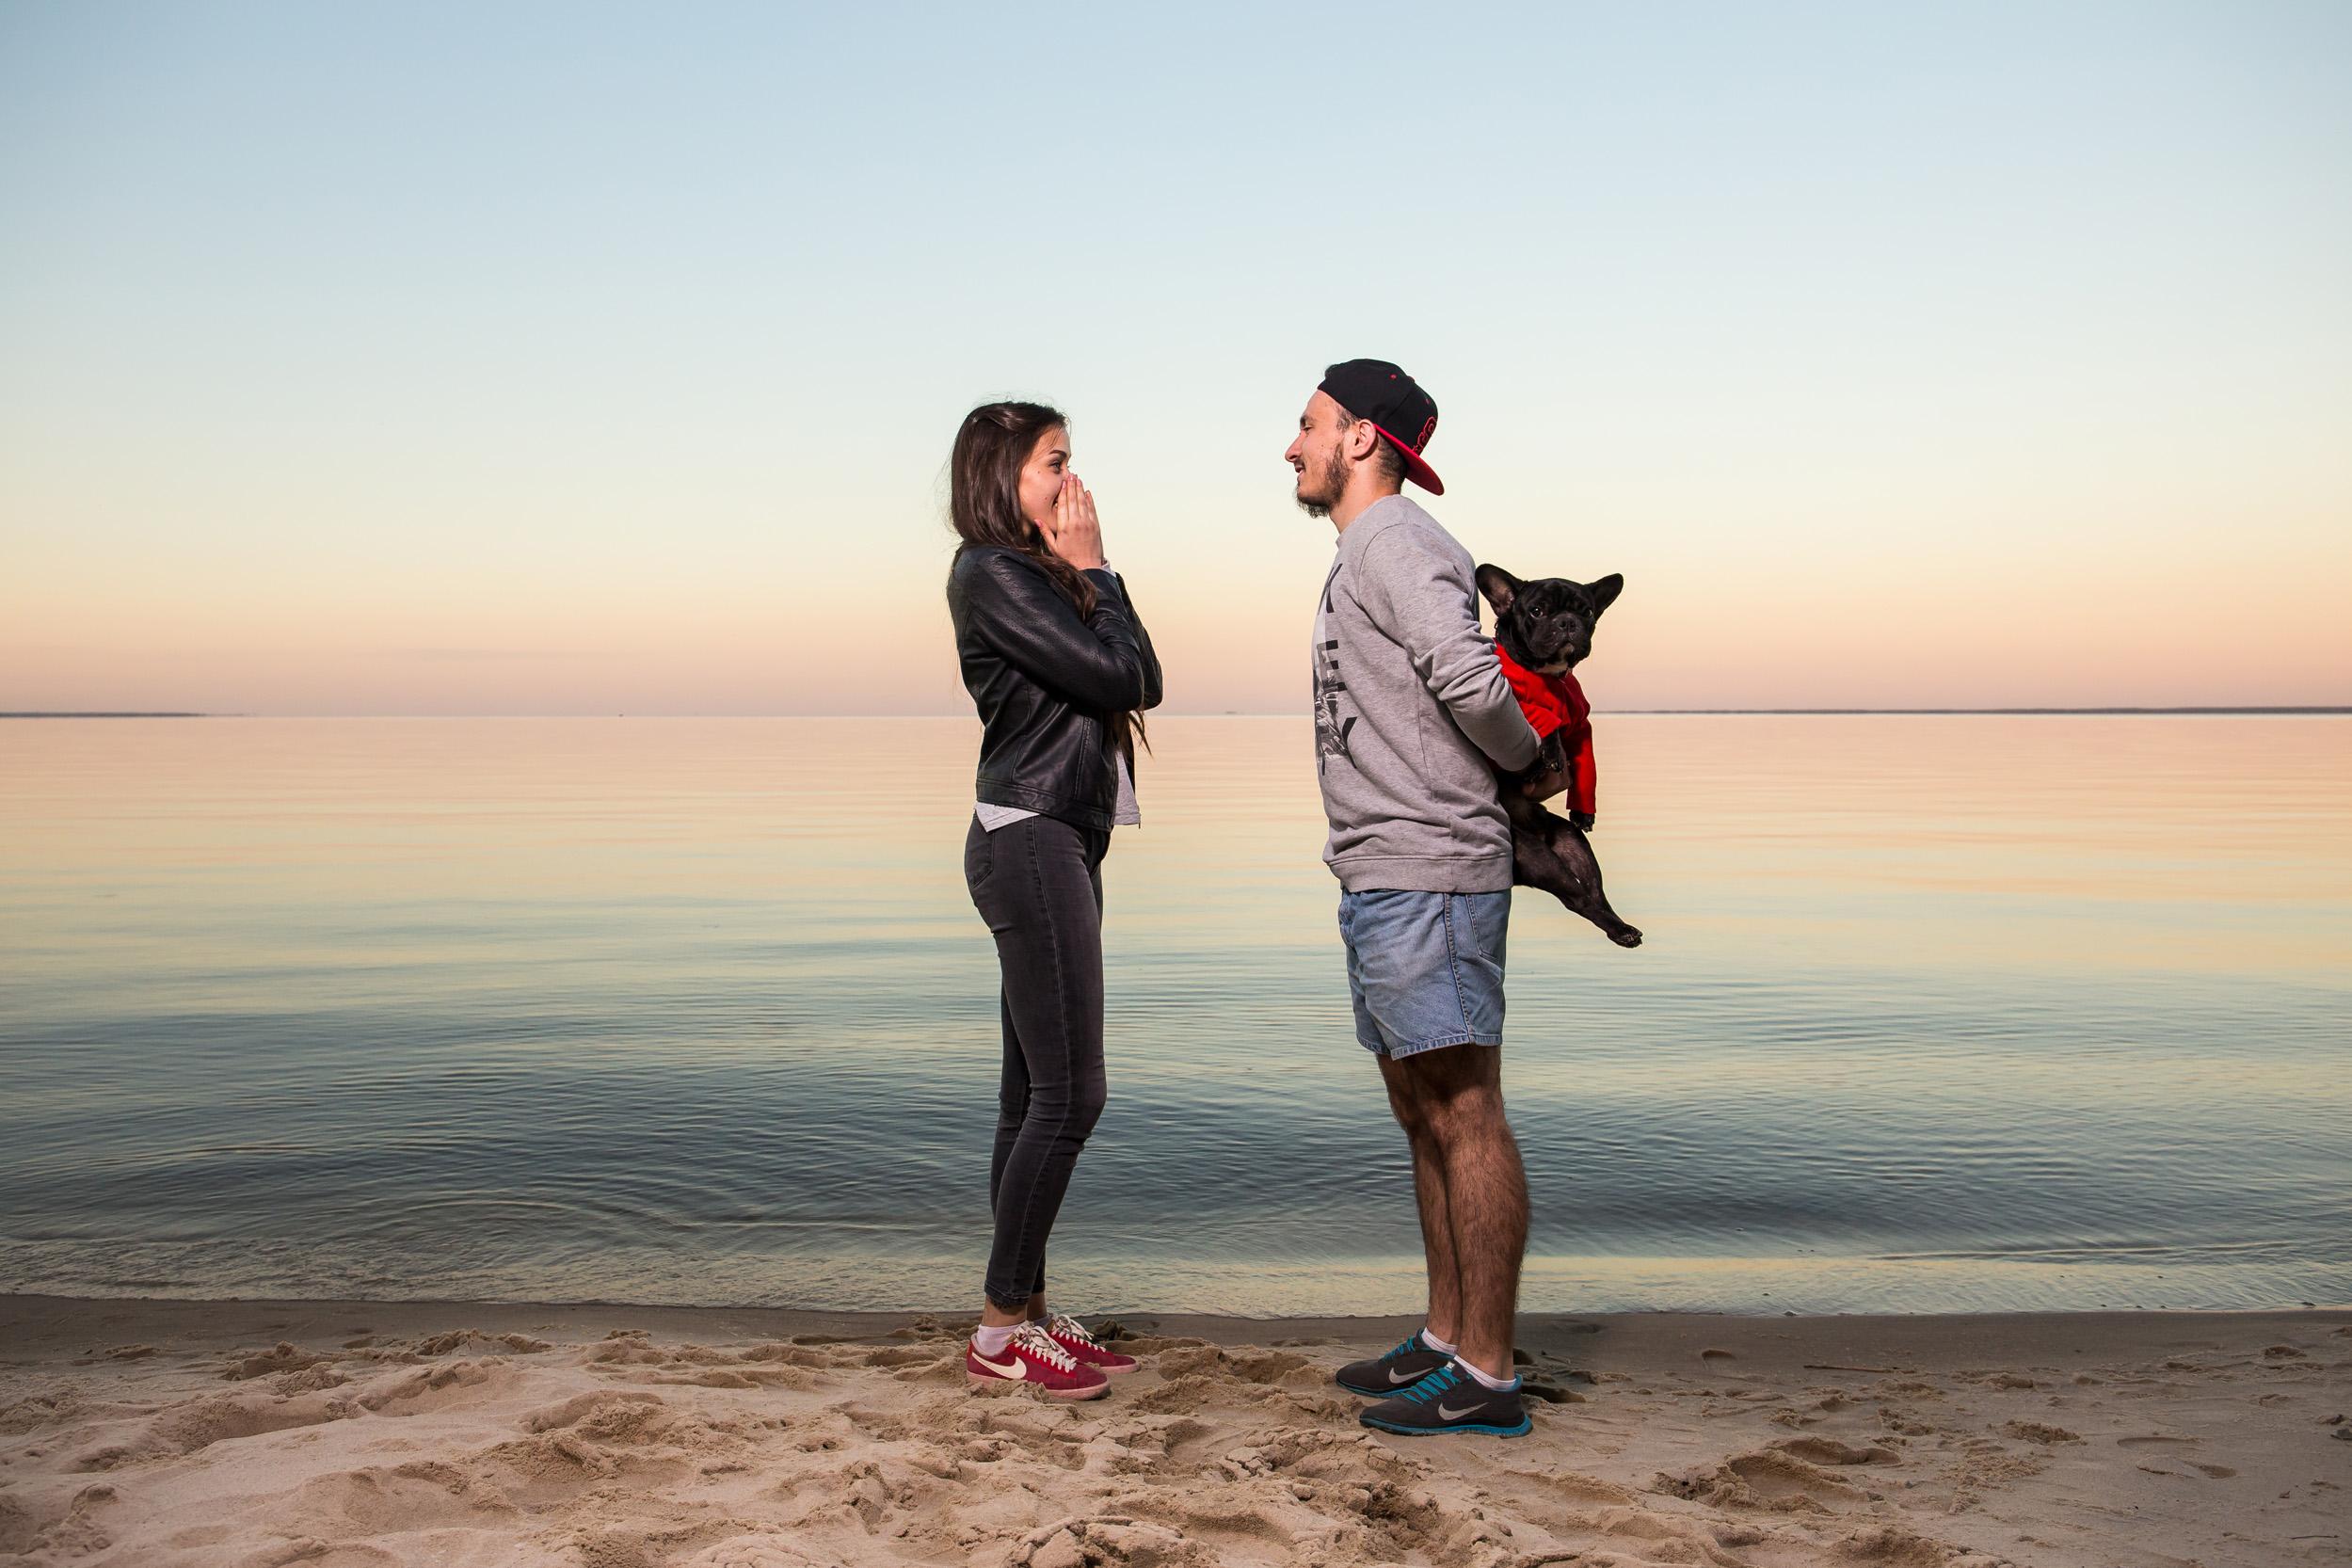 Дарит собаку девушке, подарил собаку на пляже, лавстори на киевском море